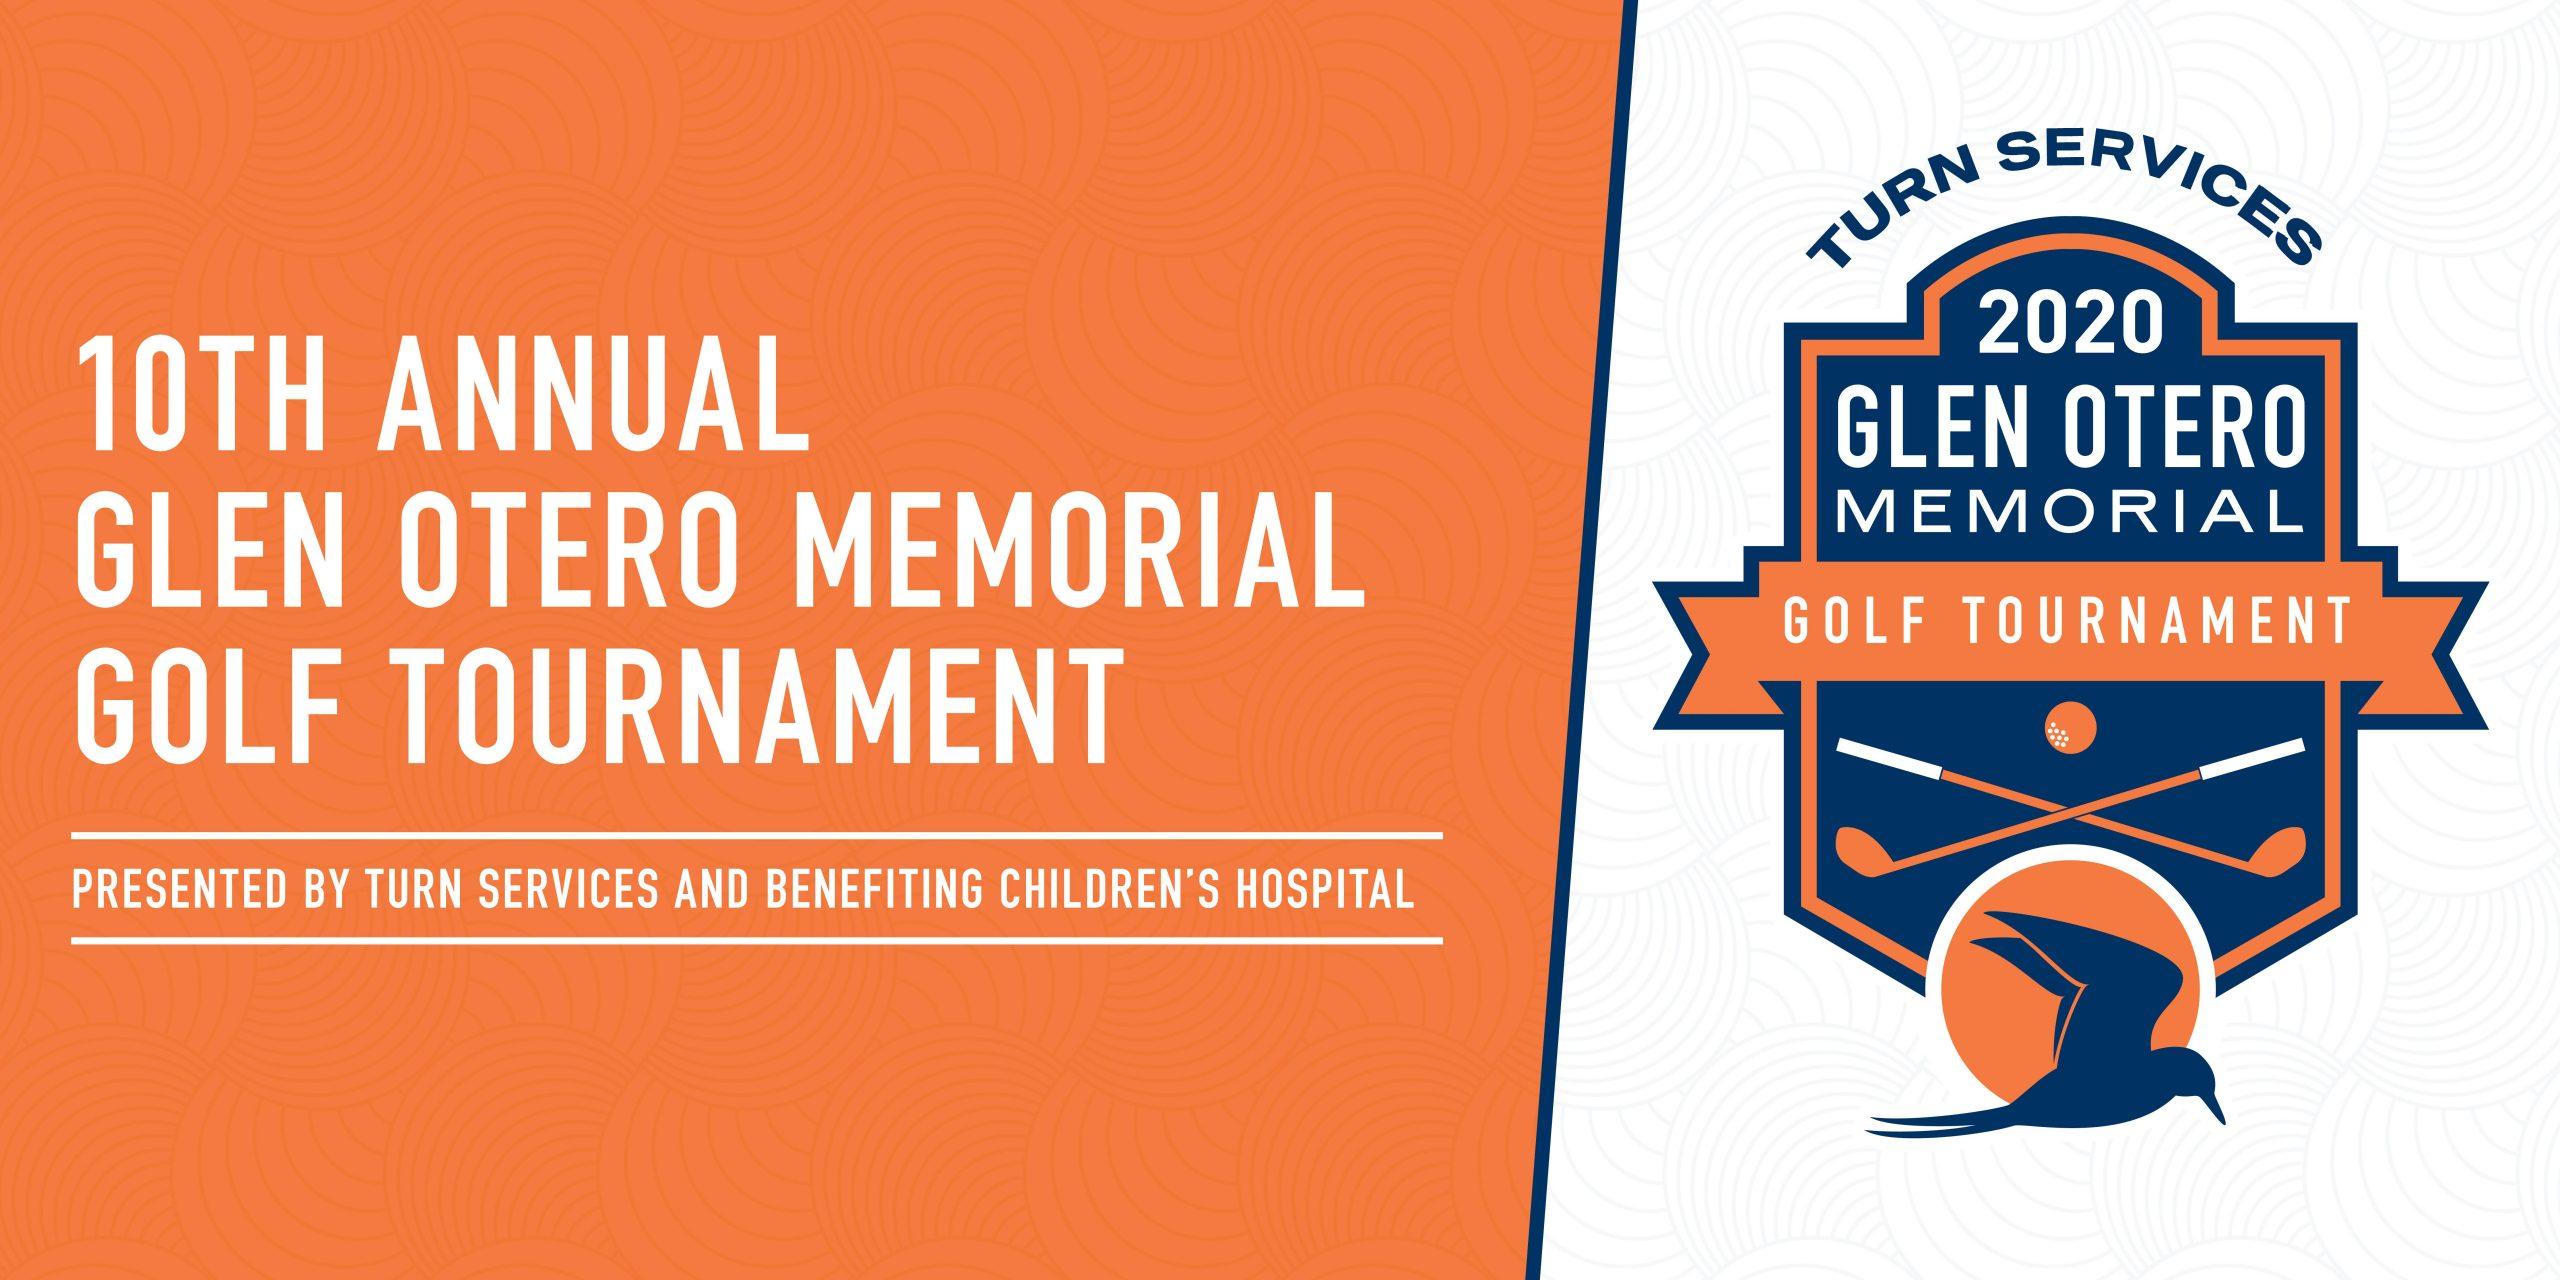 10th Annual Glen Otero Memorial Golf Tournament